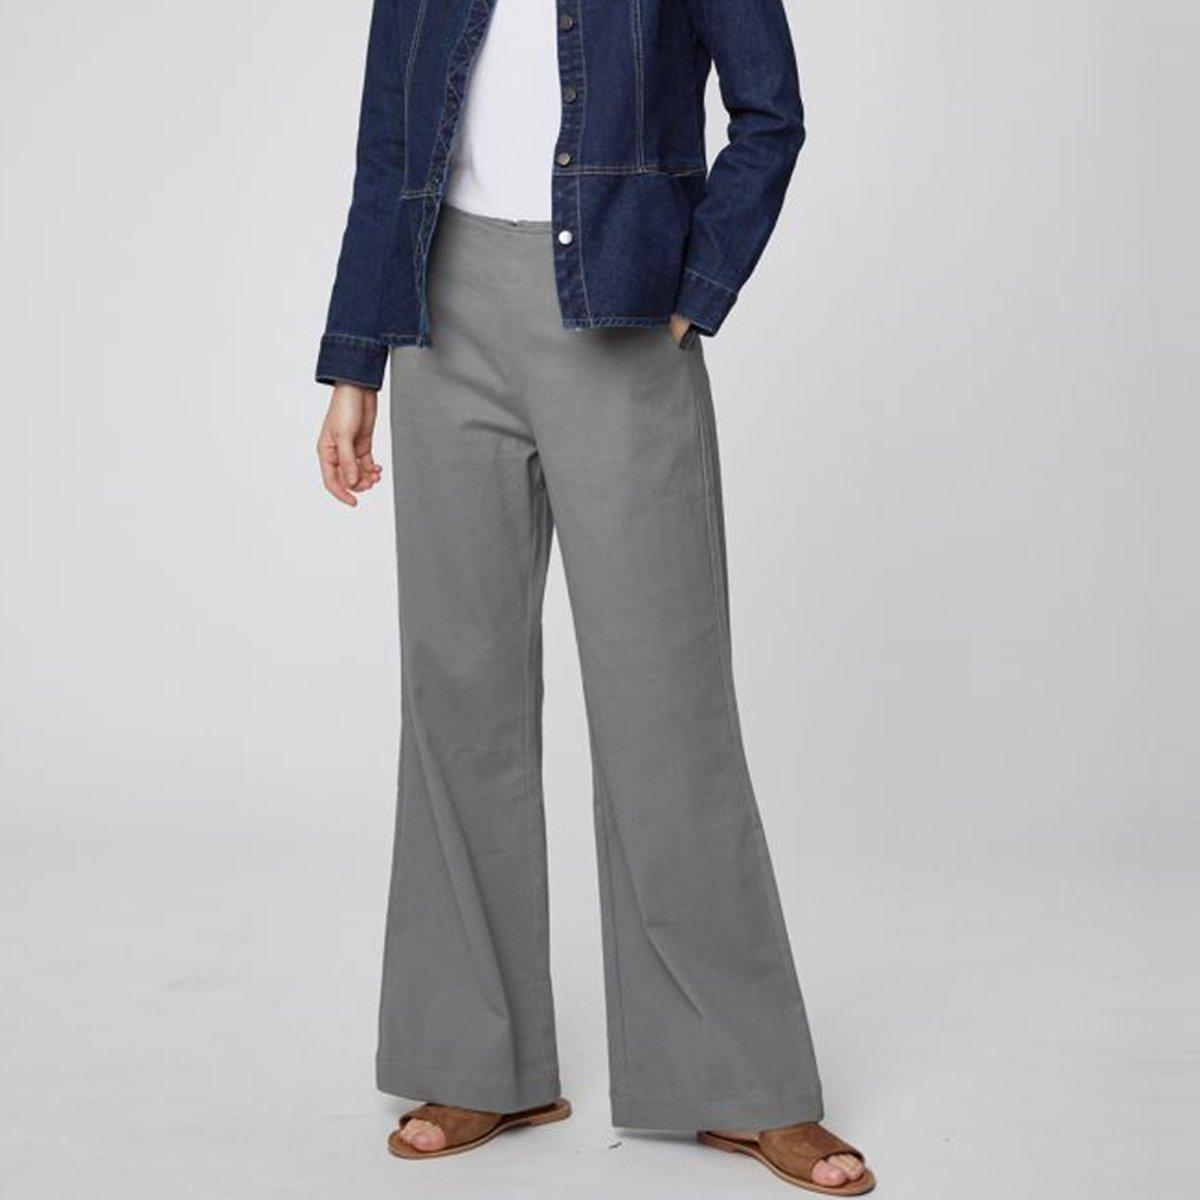 Pantaloni Camilla in Cotone Biologico